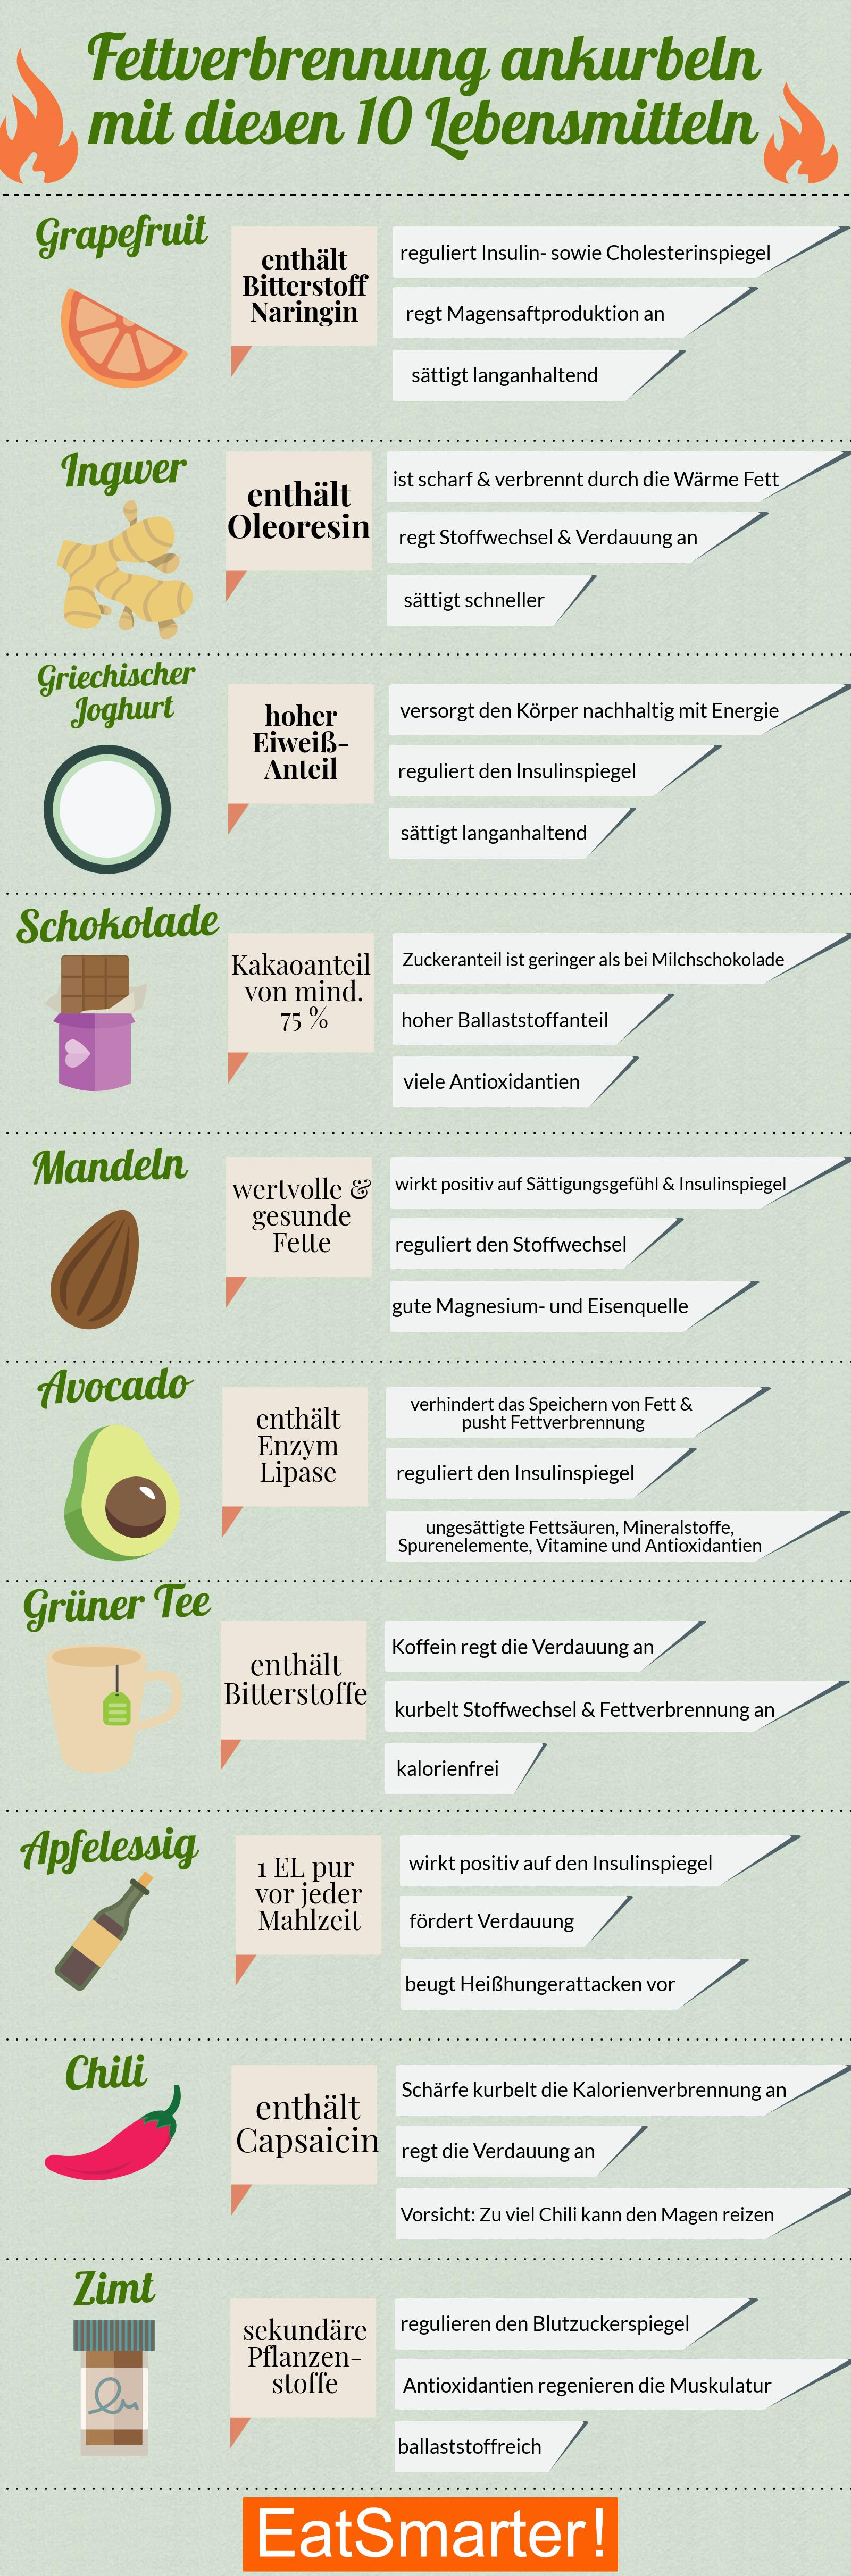 Was macht Lipase Fett abbauen